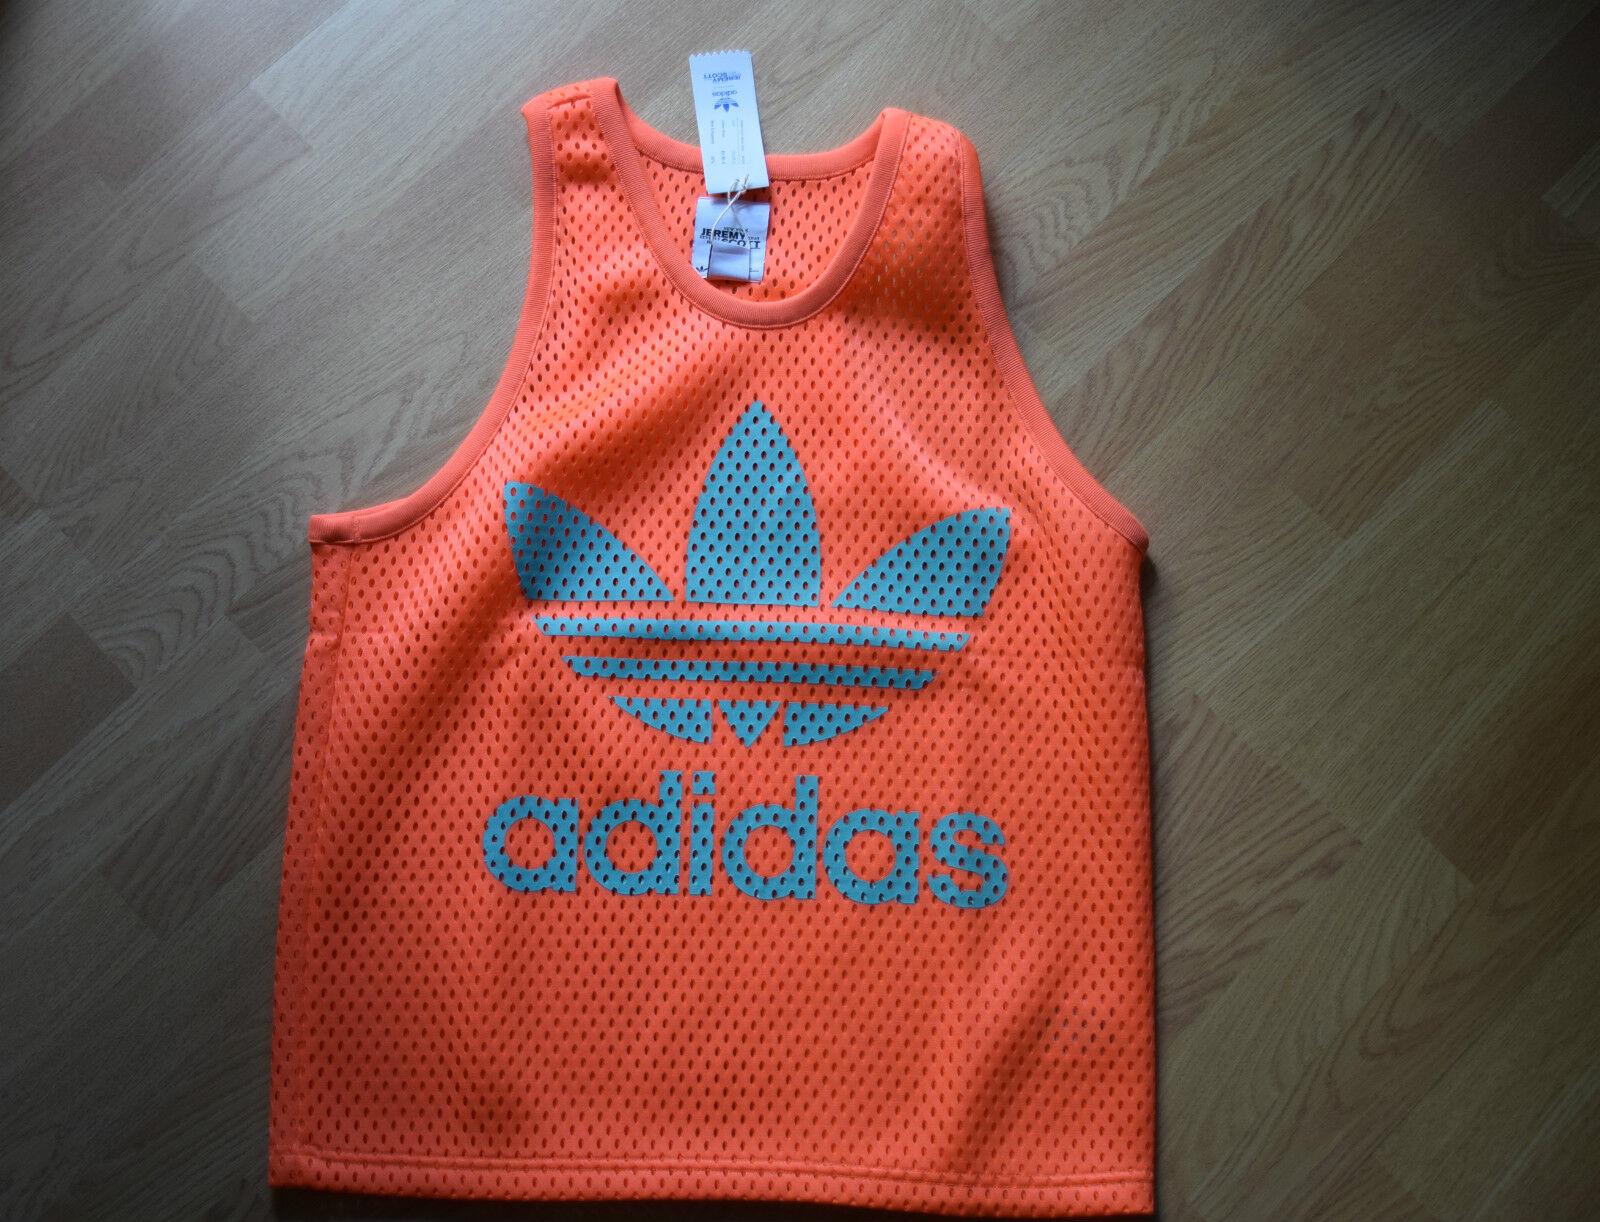 Adidas Jeremy Scott Puff Mesh Tank S M obyo F50861 TOP SHIRT LEOPARD JS